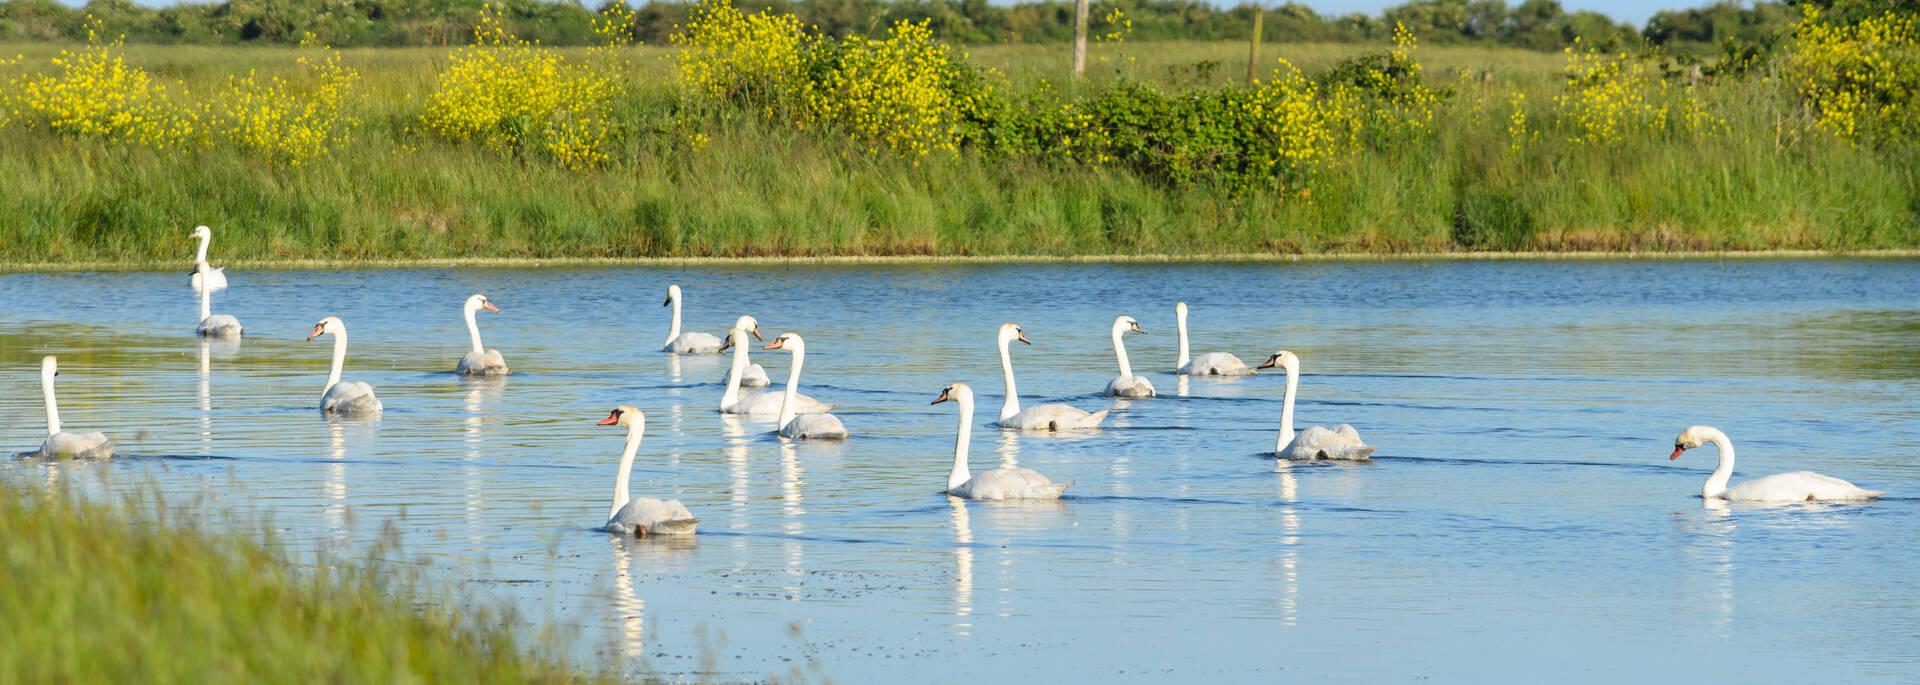 L'estuaire de la Charente, le paradis des oiseaux - © Dfred Photographie